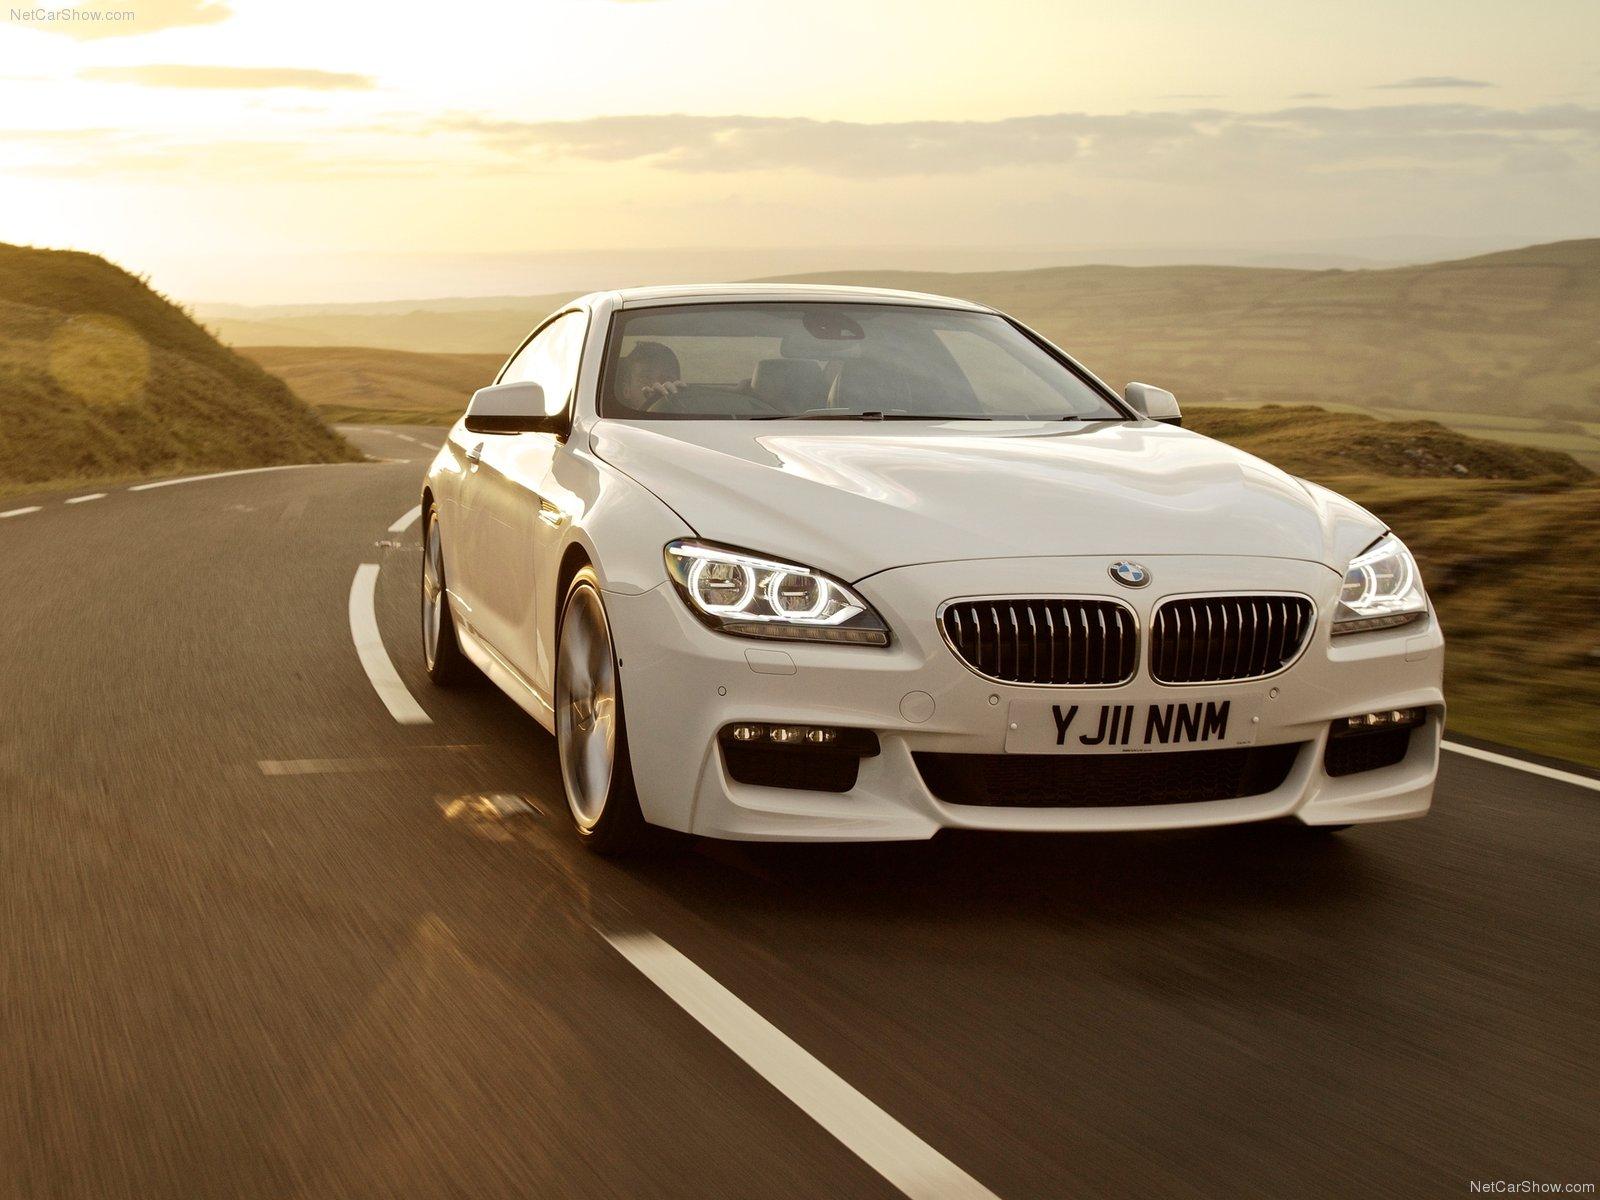 BMWは何キロまで走れるのか?